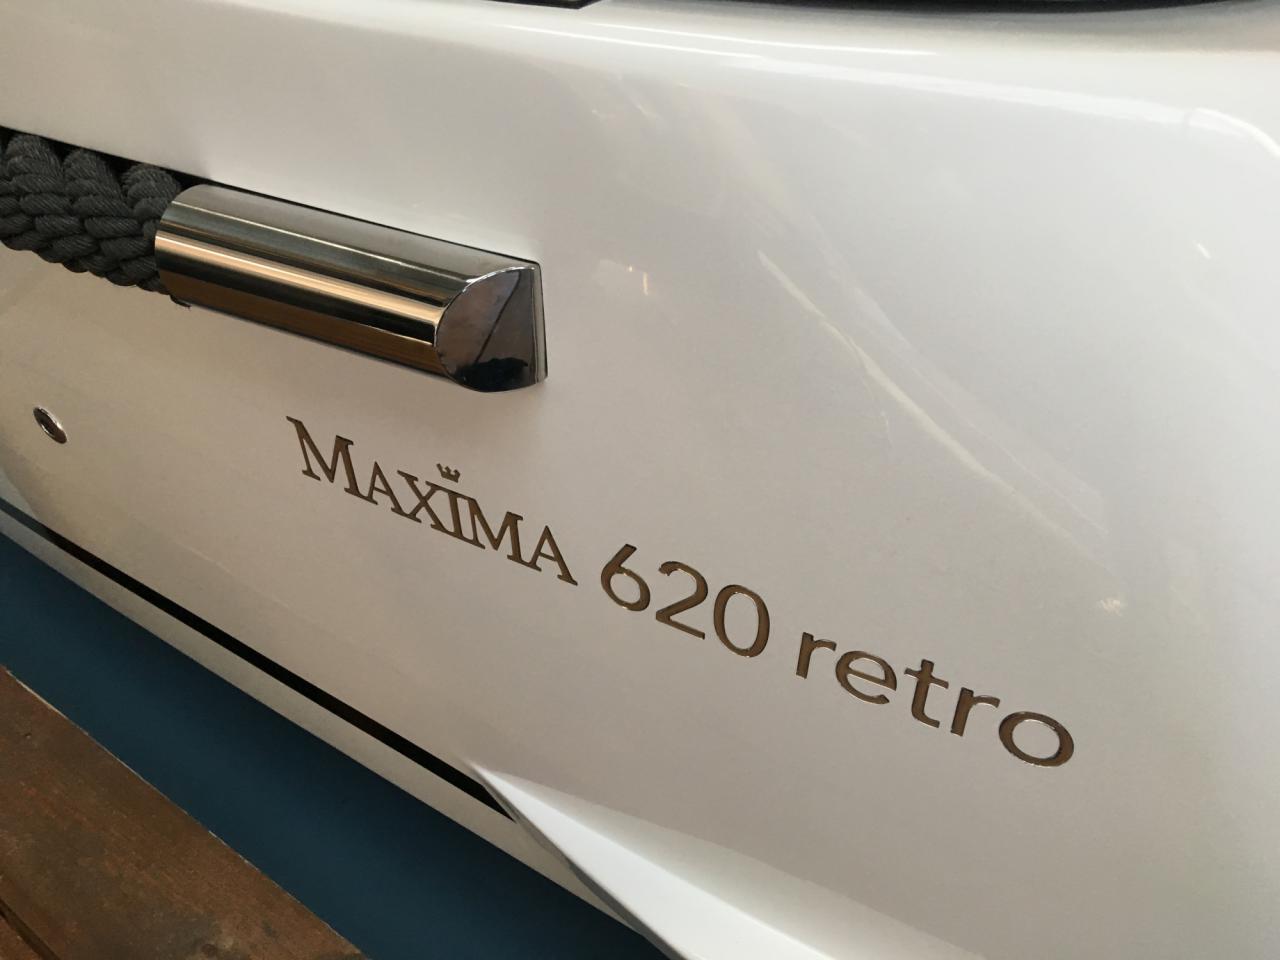 Maxima 620 Retro MC 55